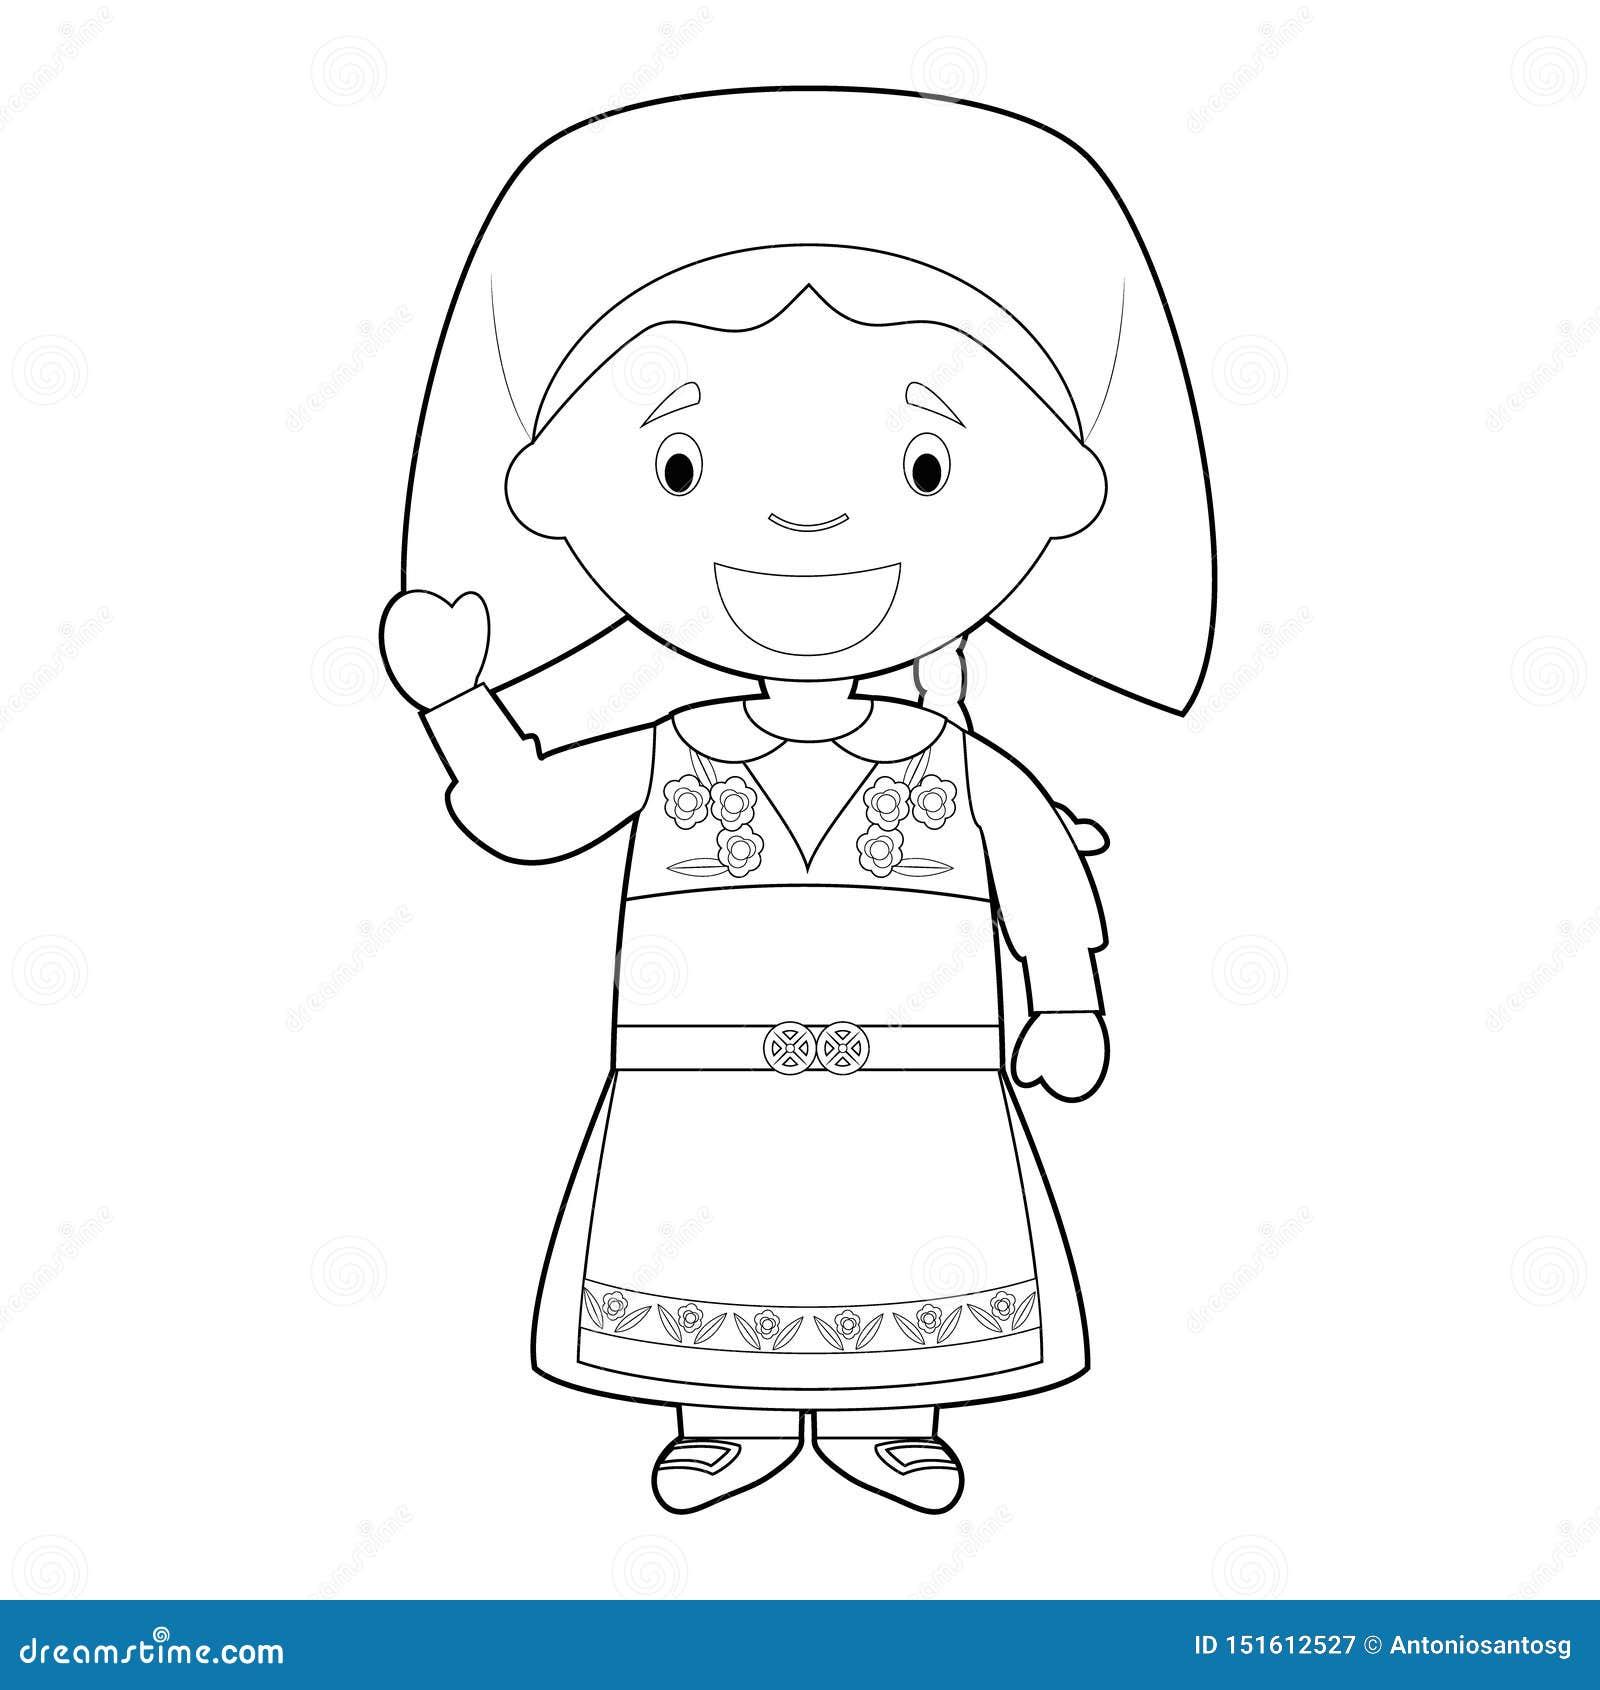 El Personaje De Dibujos Animados Que Coloreaba Facil De Suecia Se